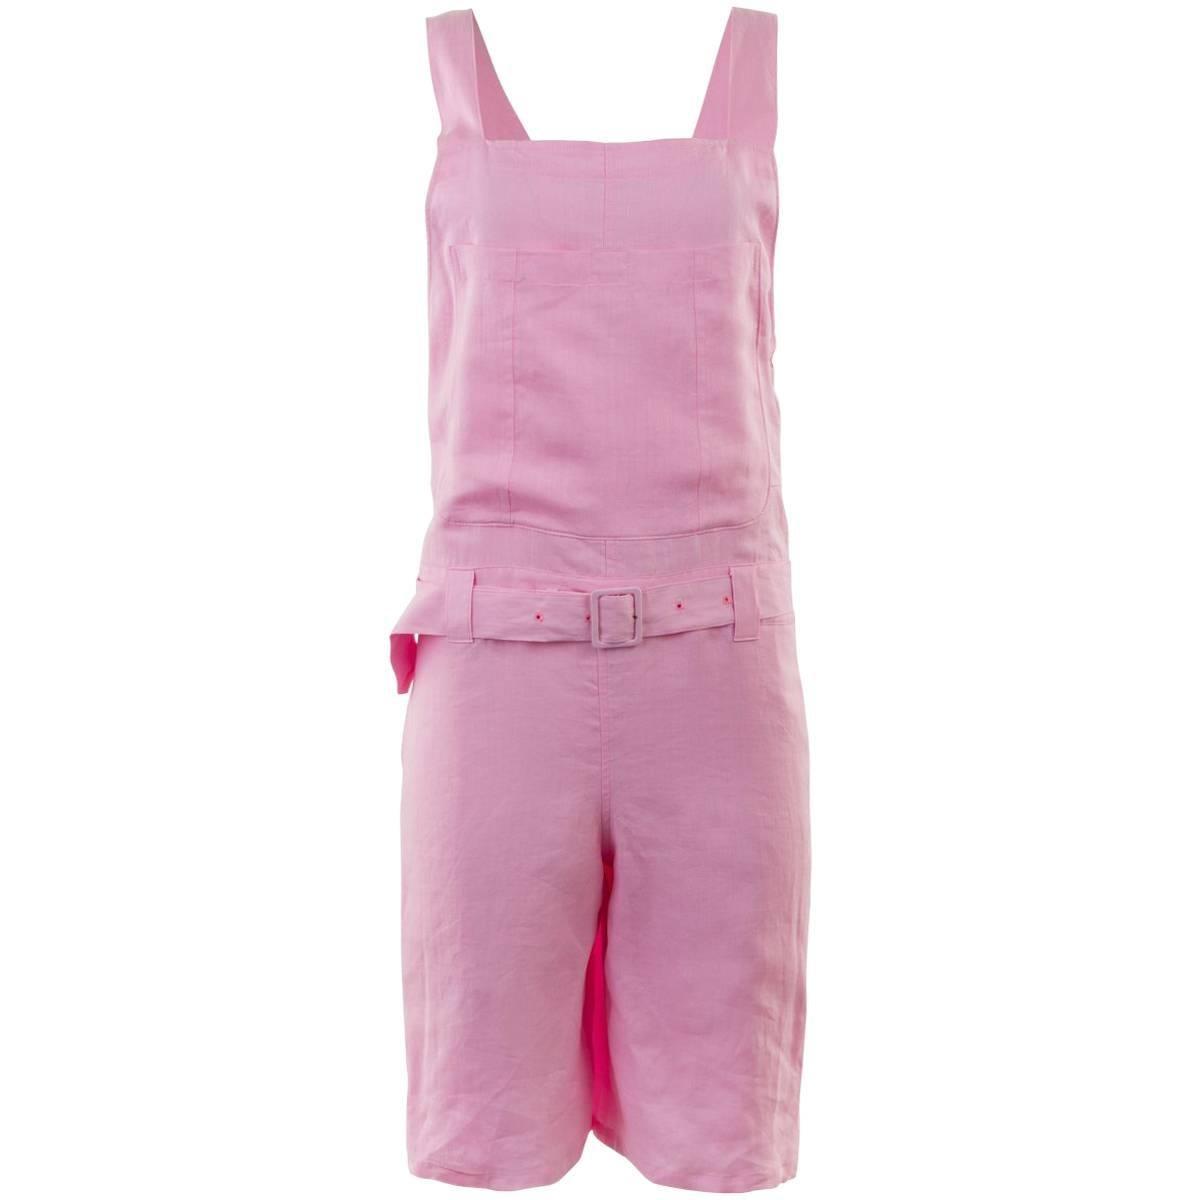 JUNYA WATANABE S/S 2008 Pink Linen Short Overalls